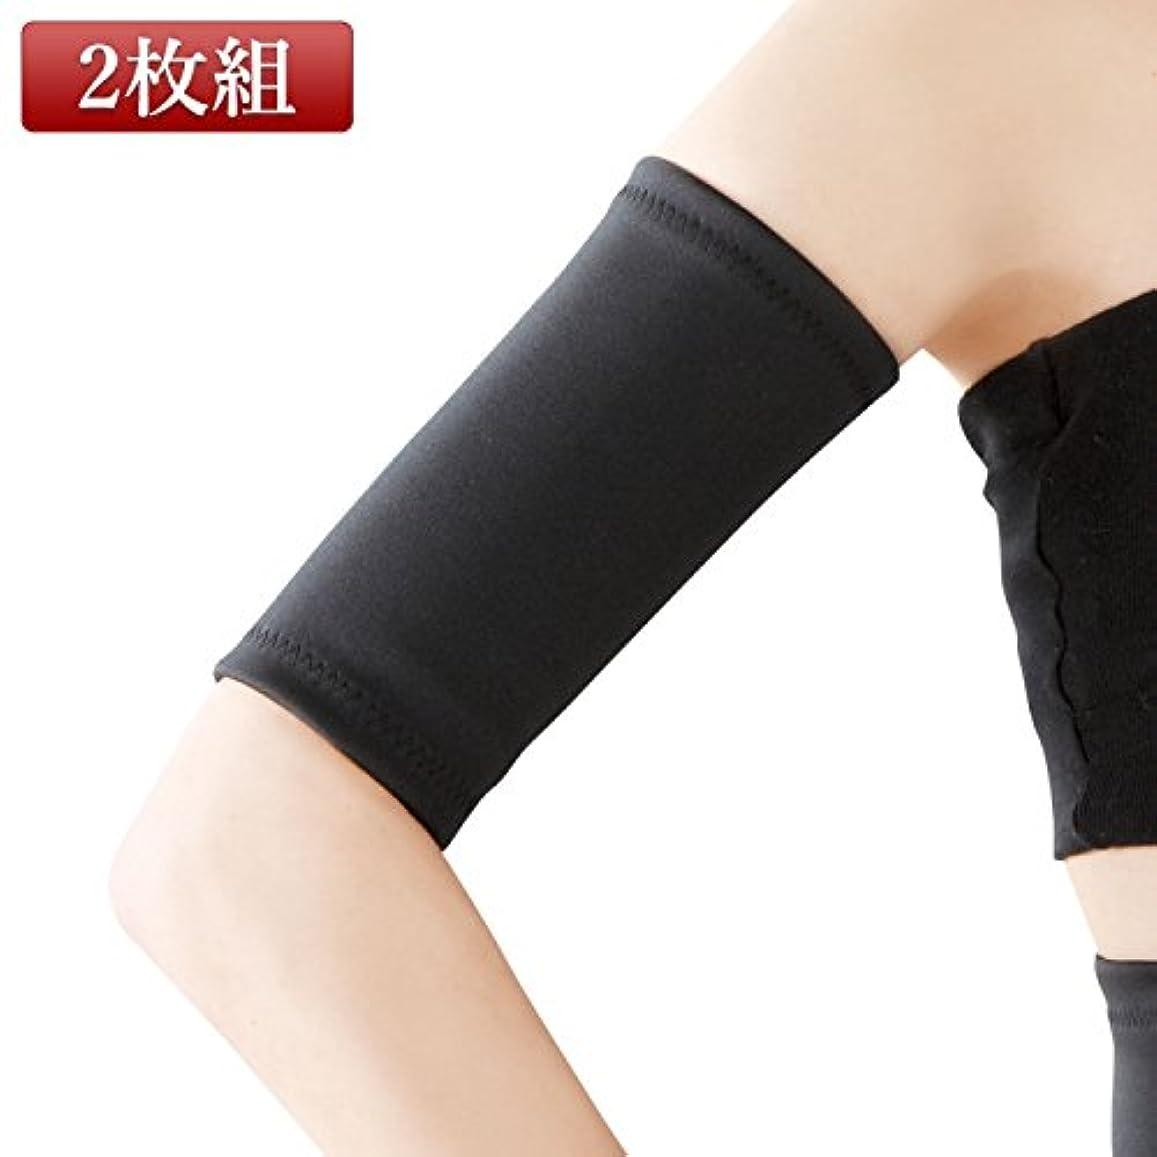 立派な排泄物タンパク質発汗 サウナスーツ 二の腕用 ウォーキング発汗 二の腕シェイパー ブラック 2枚組(L)